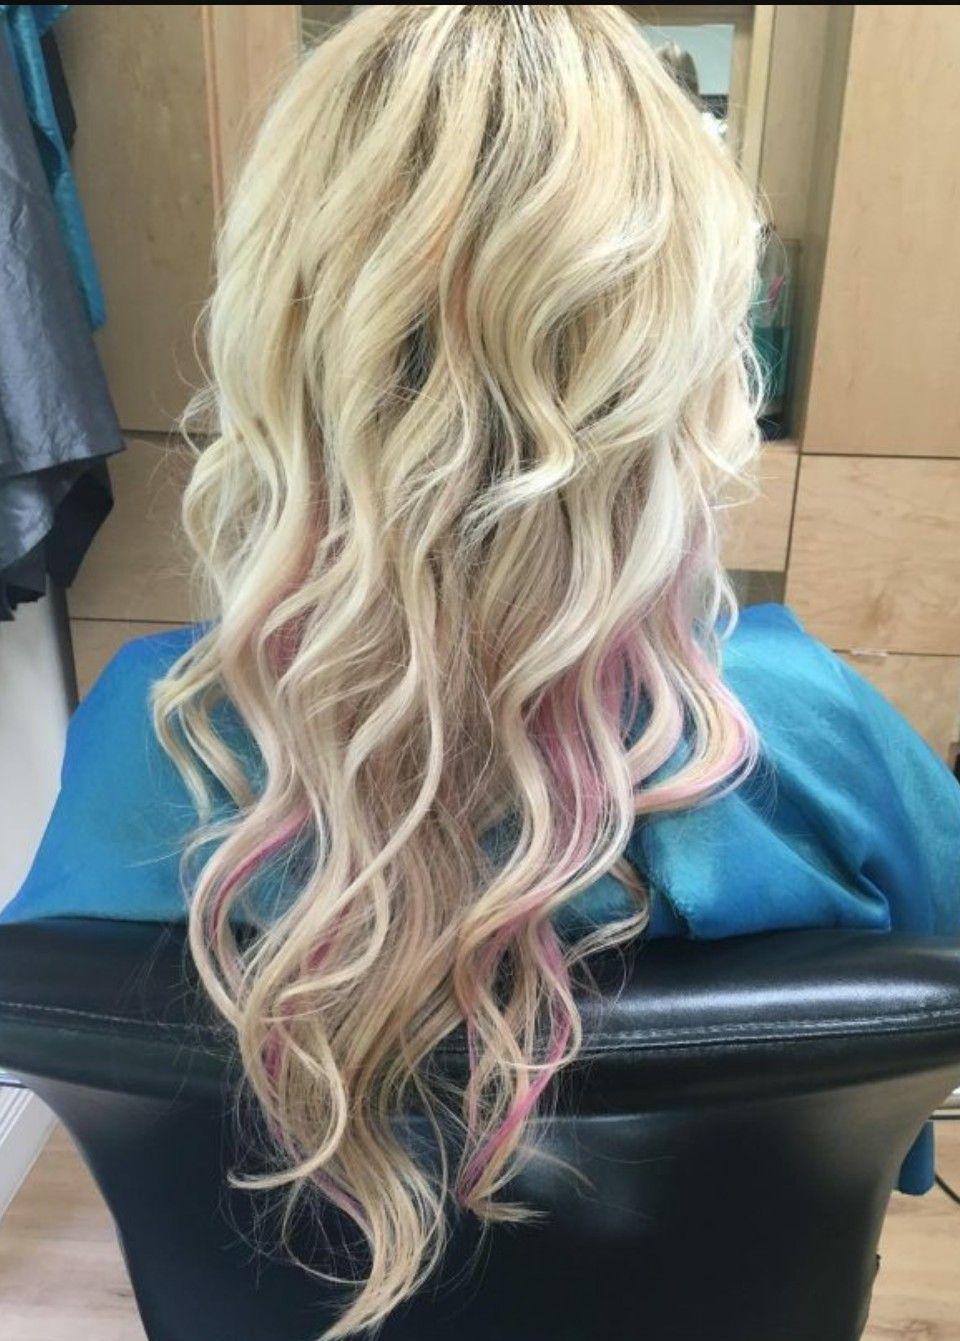 Blonde With Pink Peekaboos Pink Blonde Hair Blonde Hair With Pink Highlights Blonde With Pink